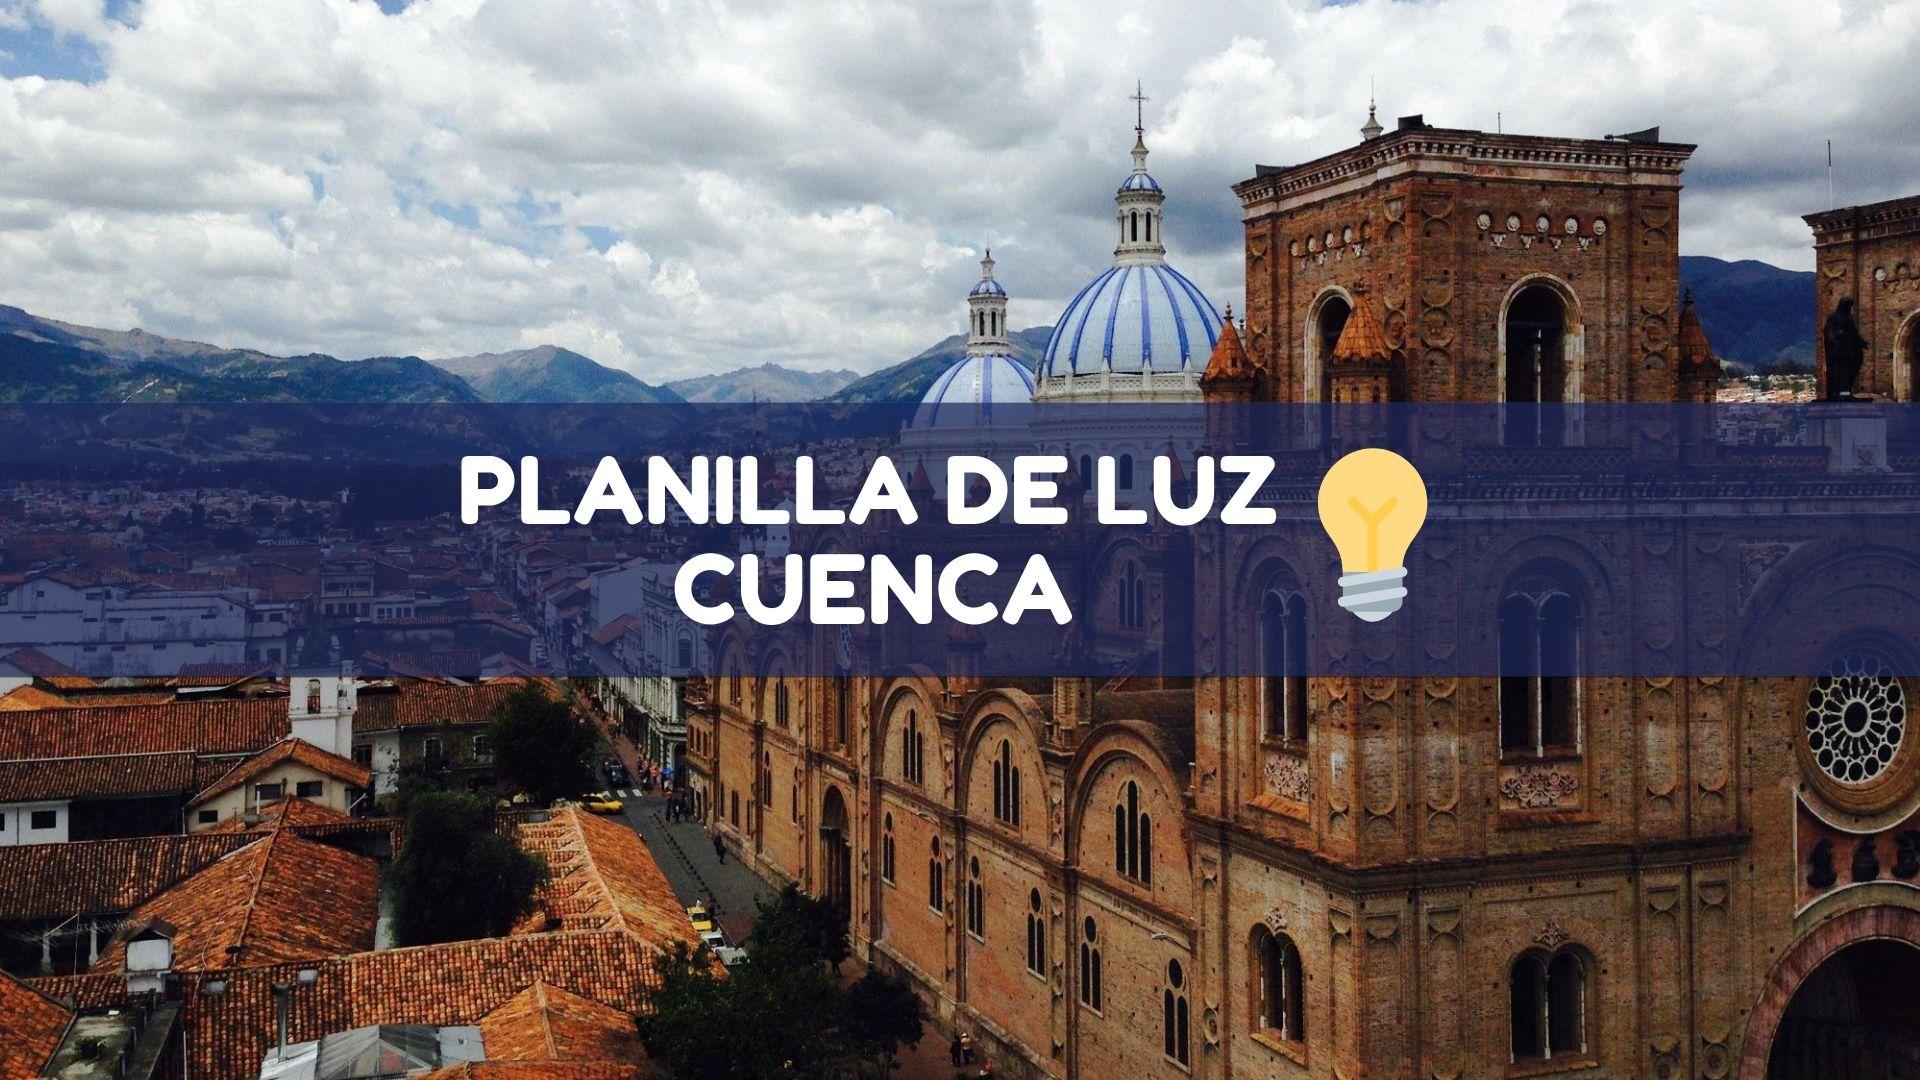 Planilla de luz Cuenca Ecuador